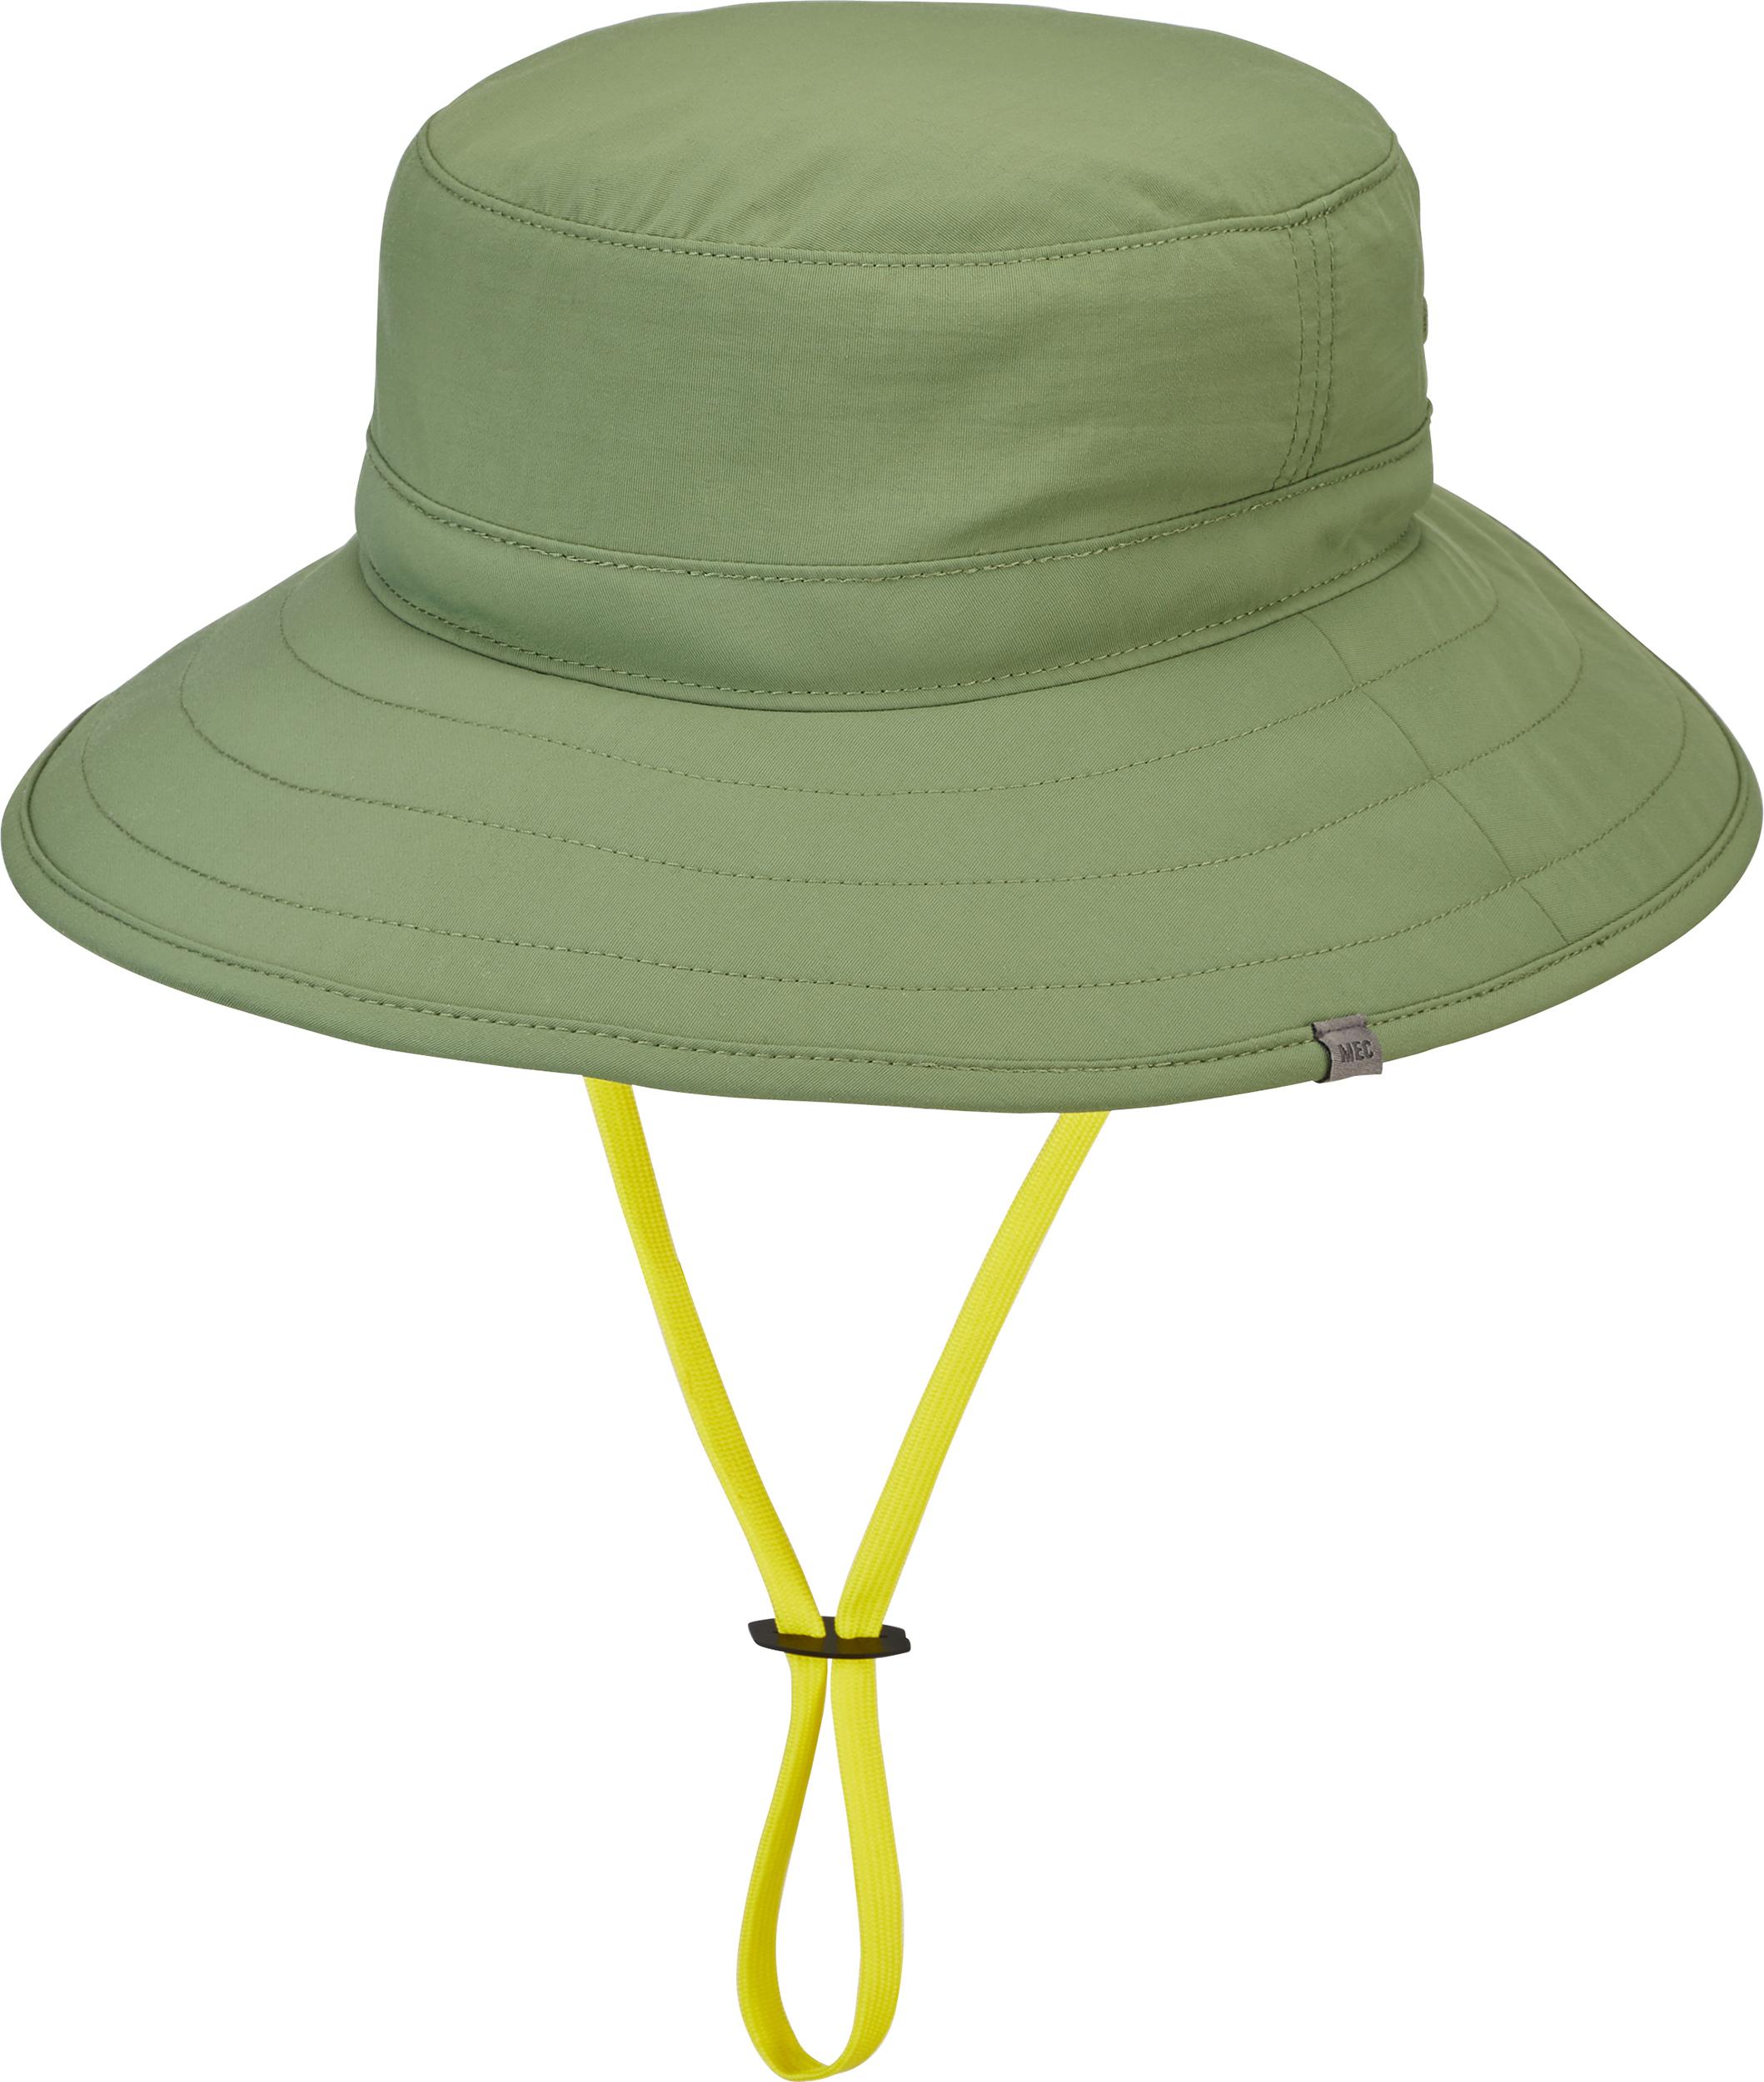 9361410a7b3c5 Sun hats